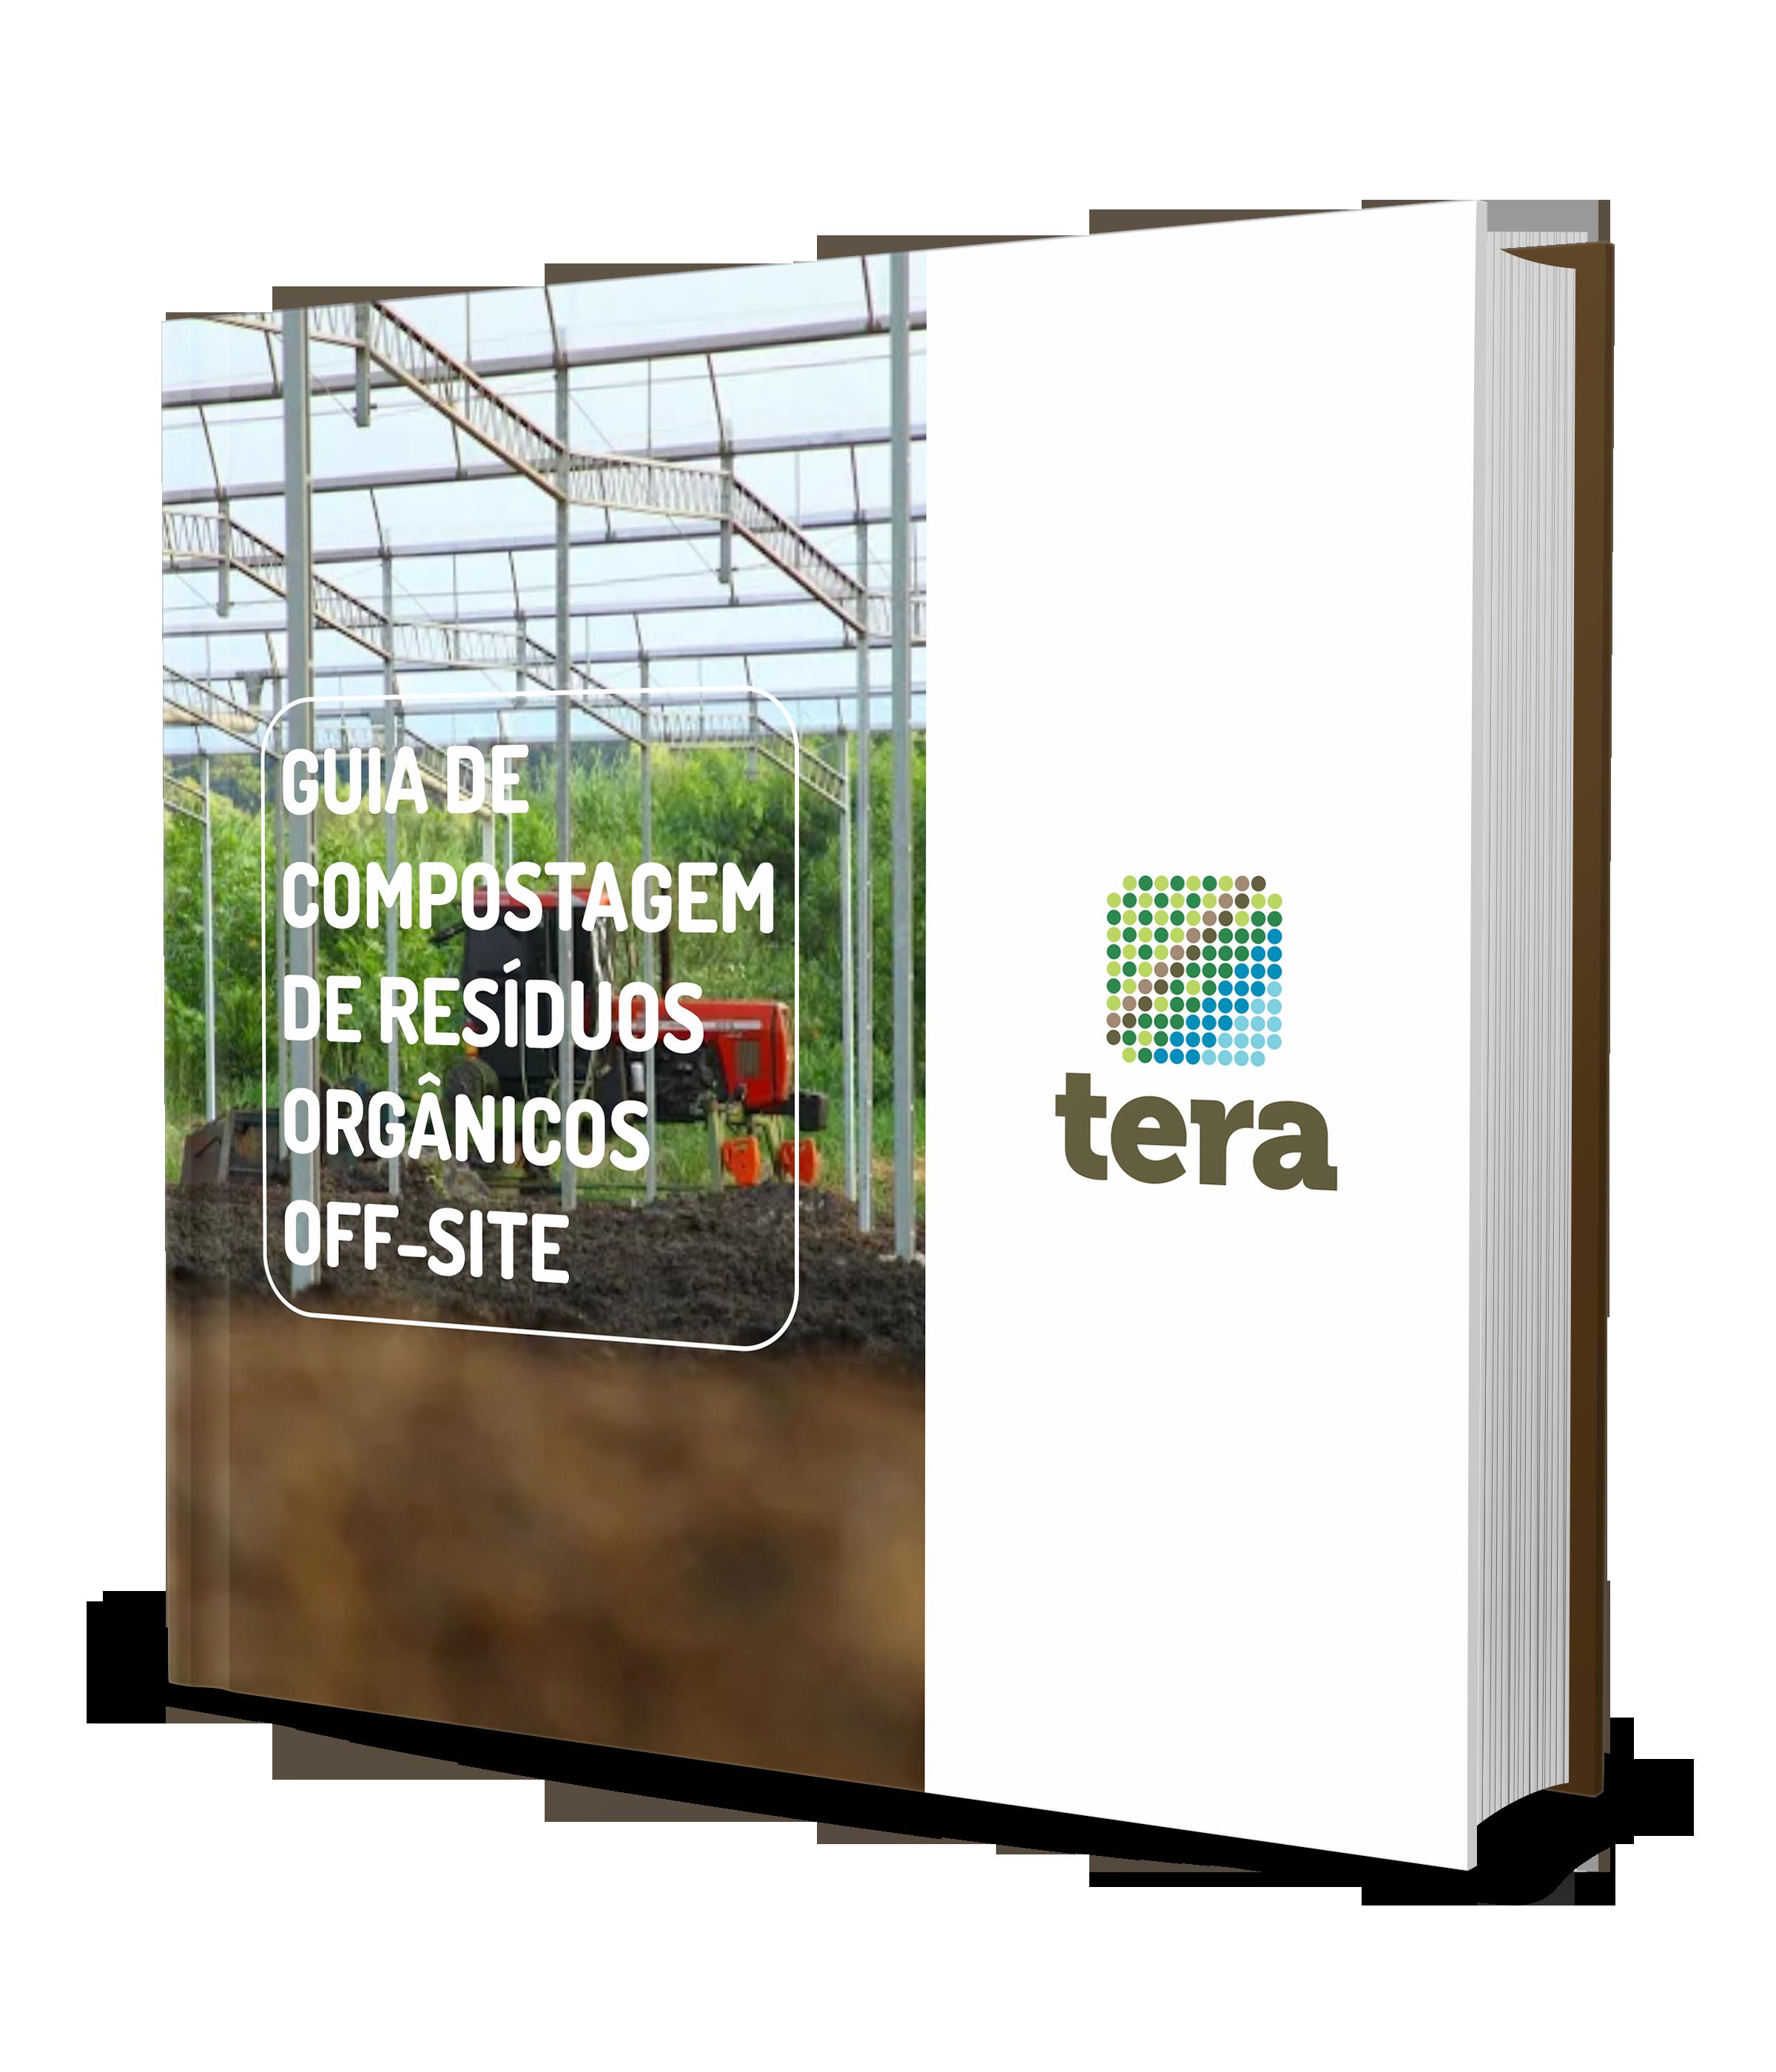 Guia da Compostagem de Resíduos Orgânicos Off-site